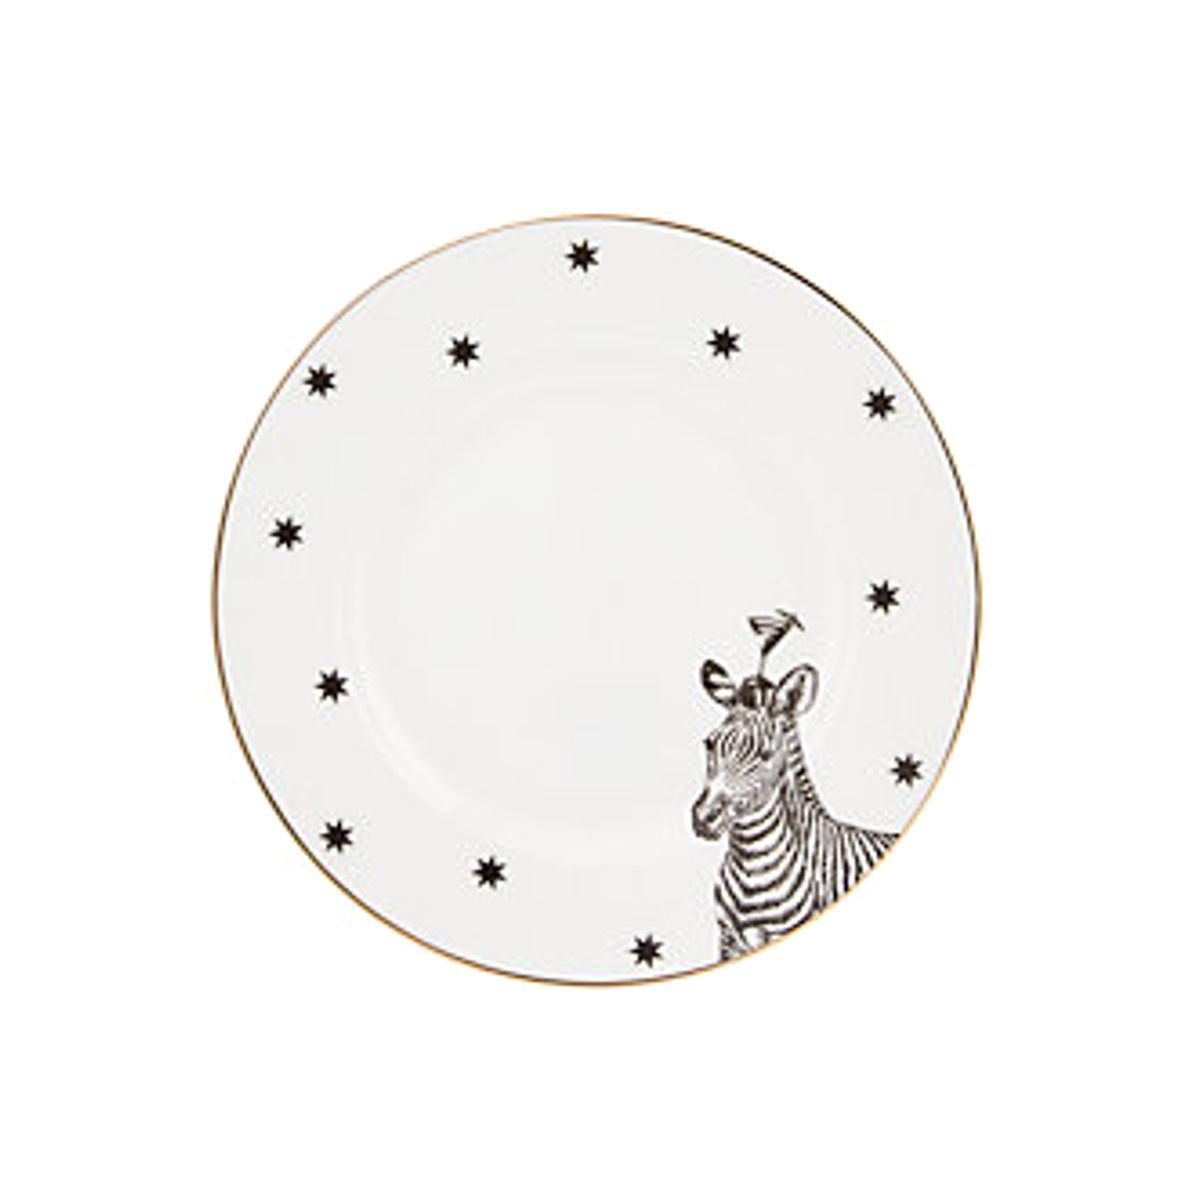 Yvonne Ellen London Monochrome Set de 4 Assiettes Ø 16 cm - 4 Animaux - Bone China Porcelaine - Boîte Cadeau